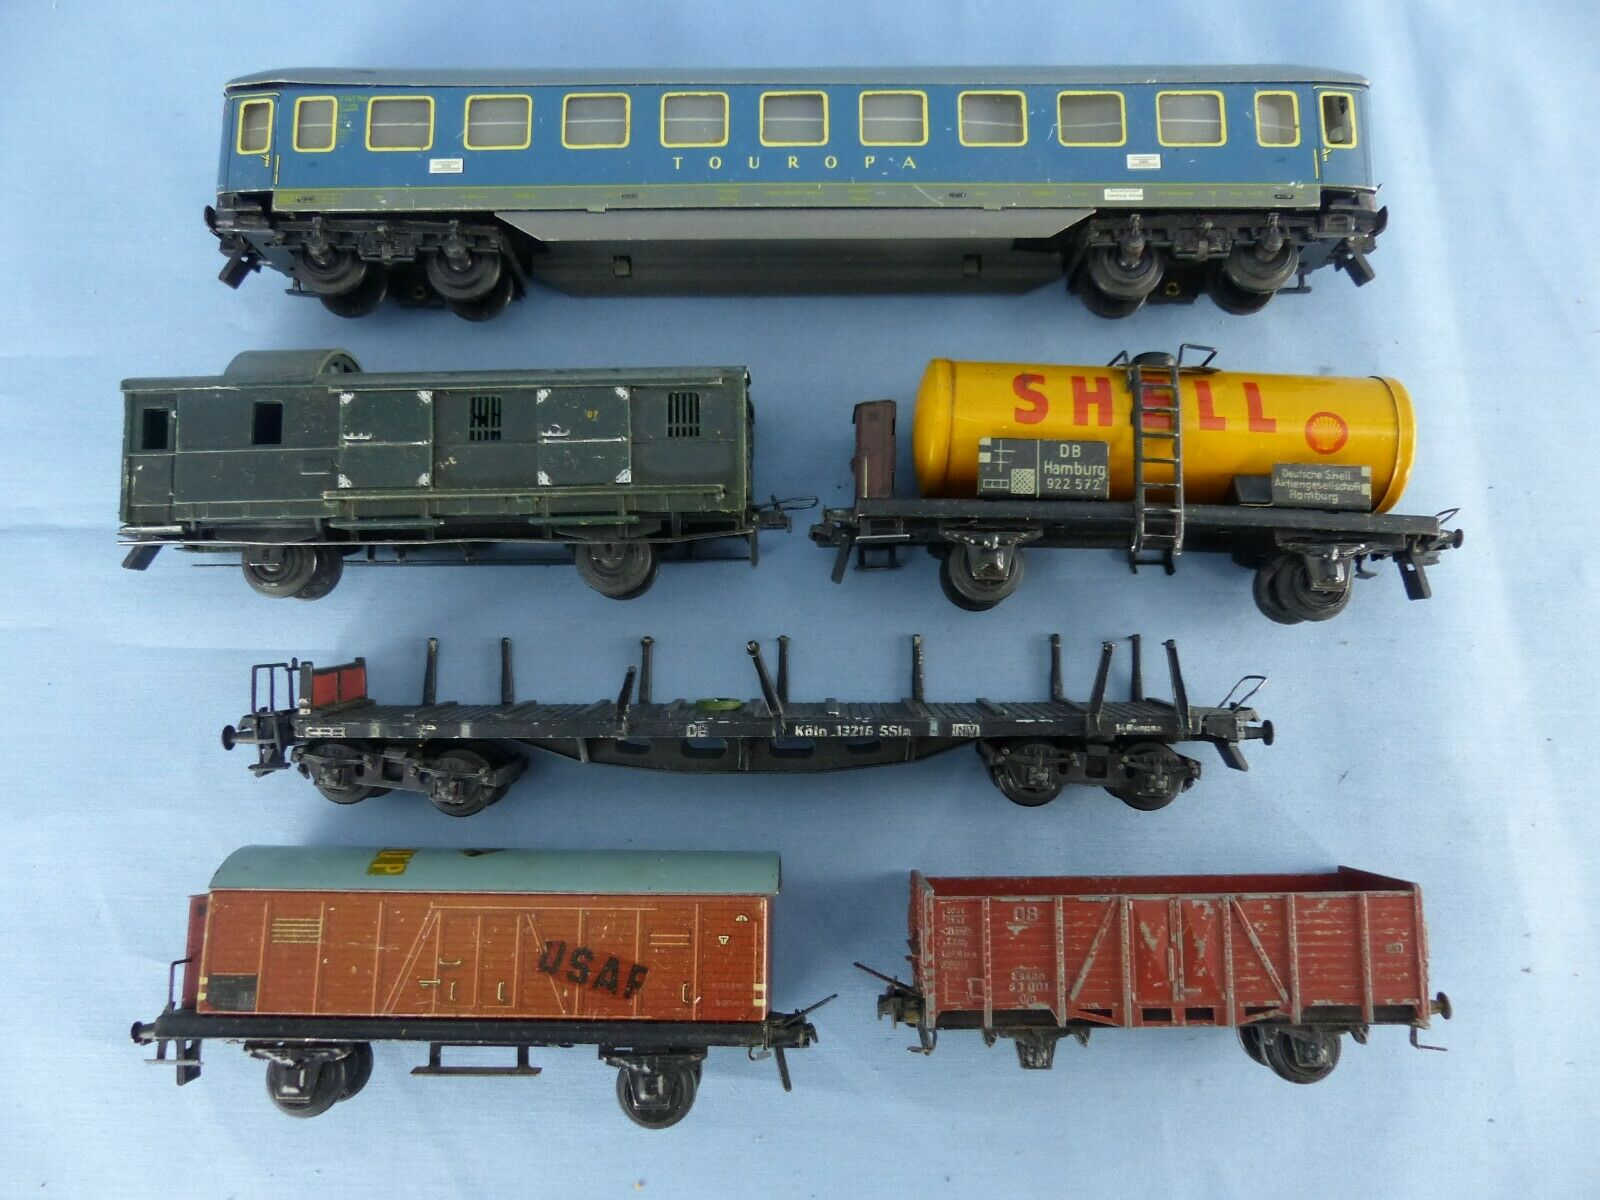 Lot de 6 wagons TRIX MODELL tôle lithographiée et métal SHELL TOUROPA ech  Ho